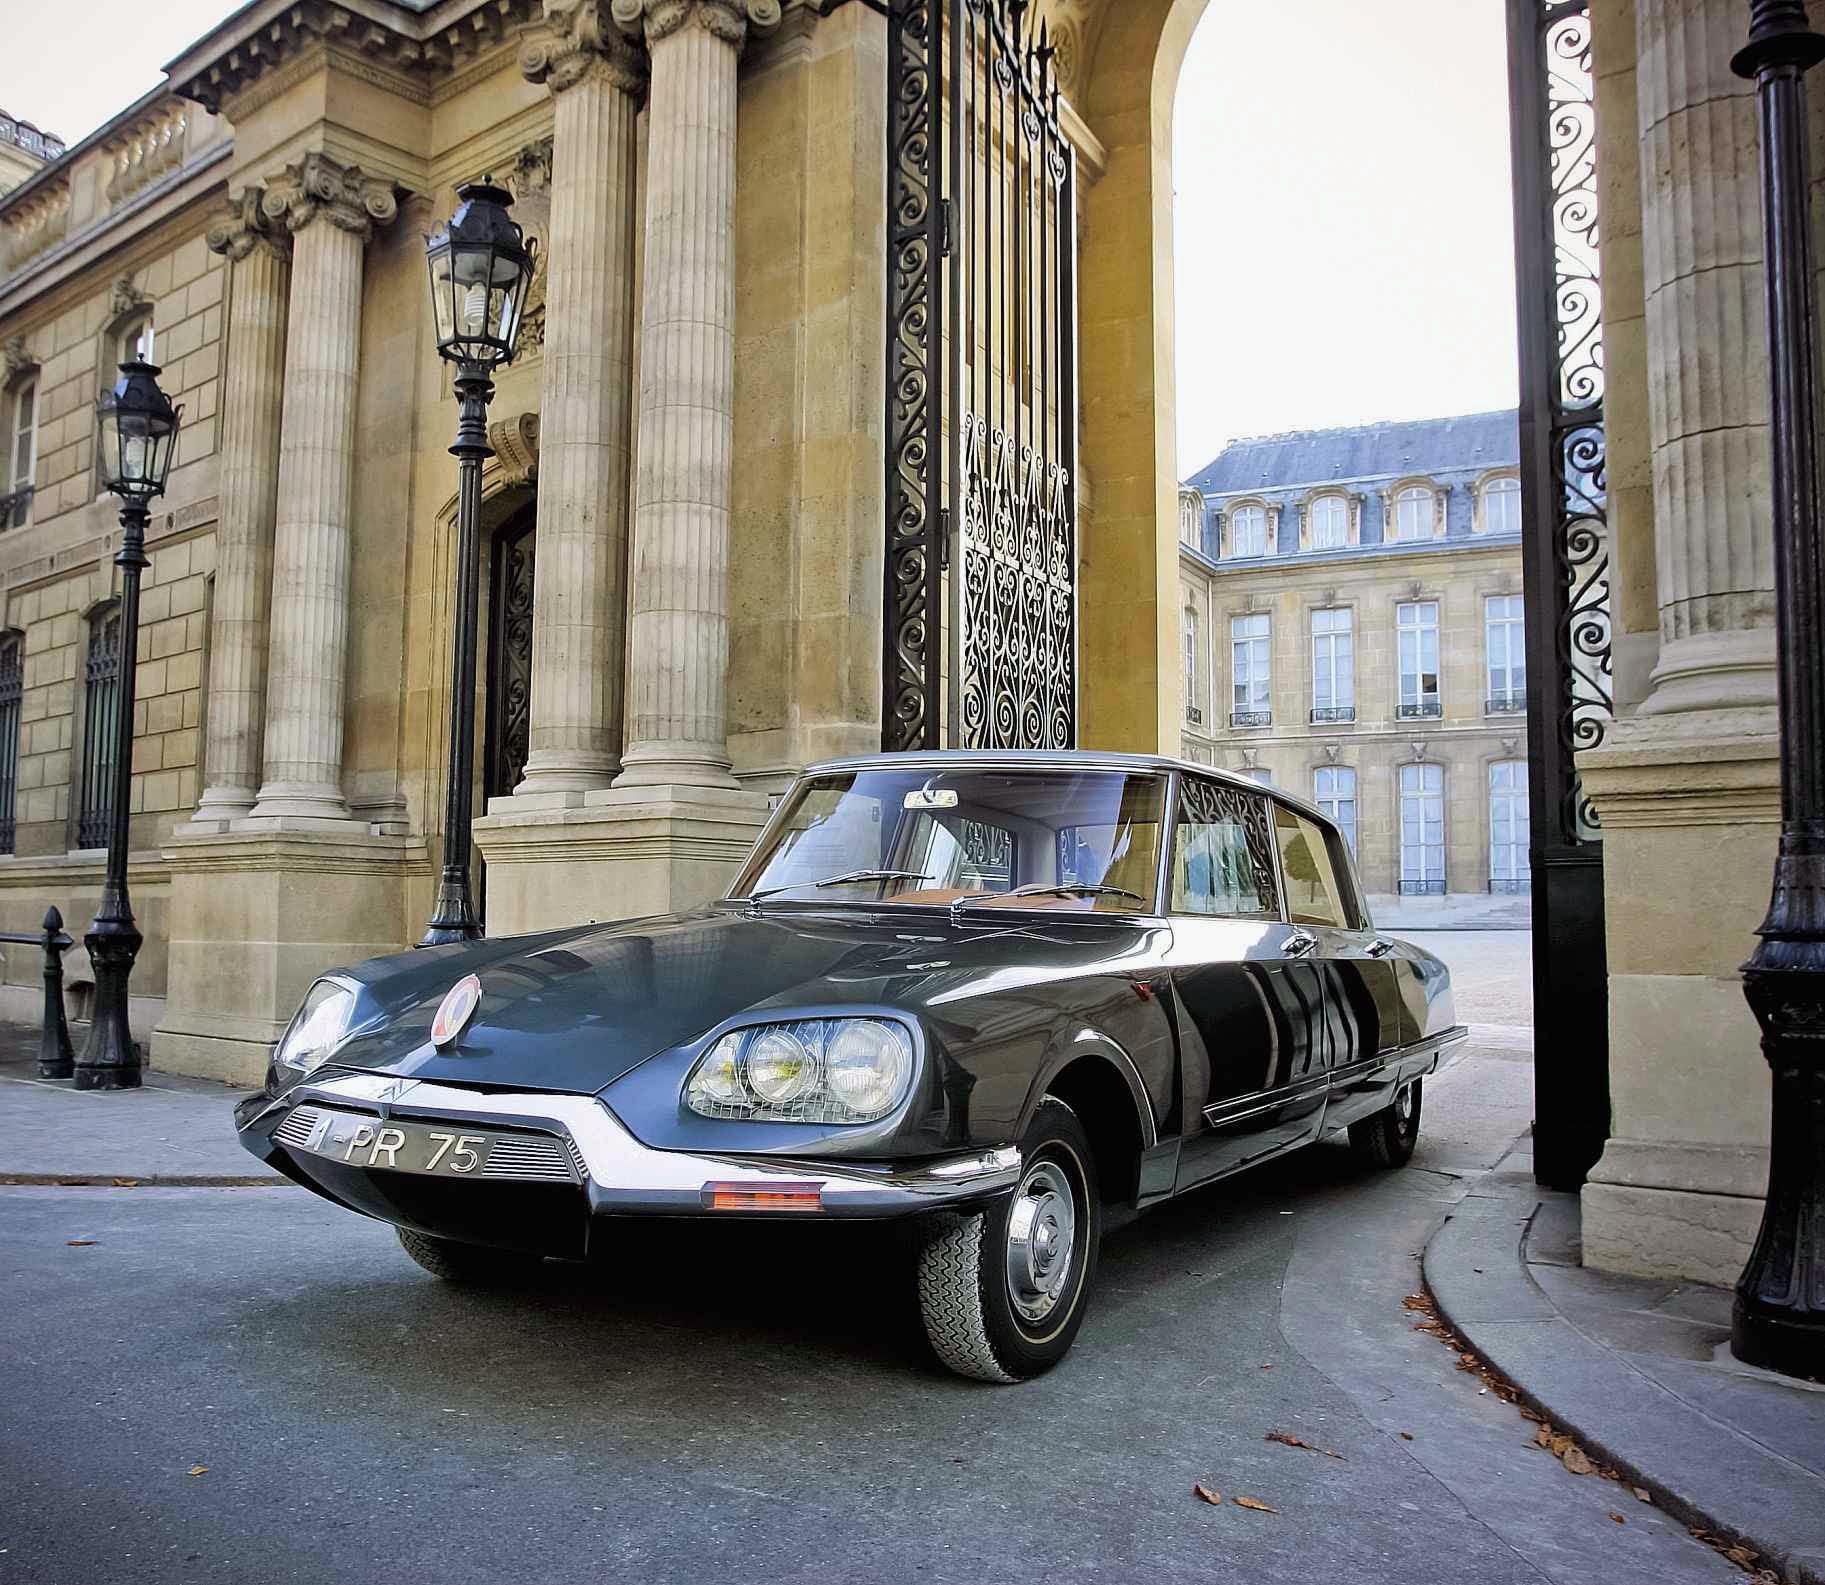 Motorfaq Citroën Ds Tiburón Historia Y Evolución